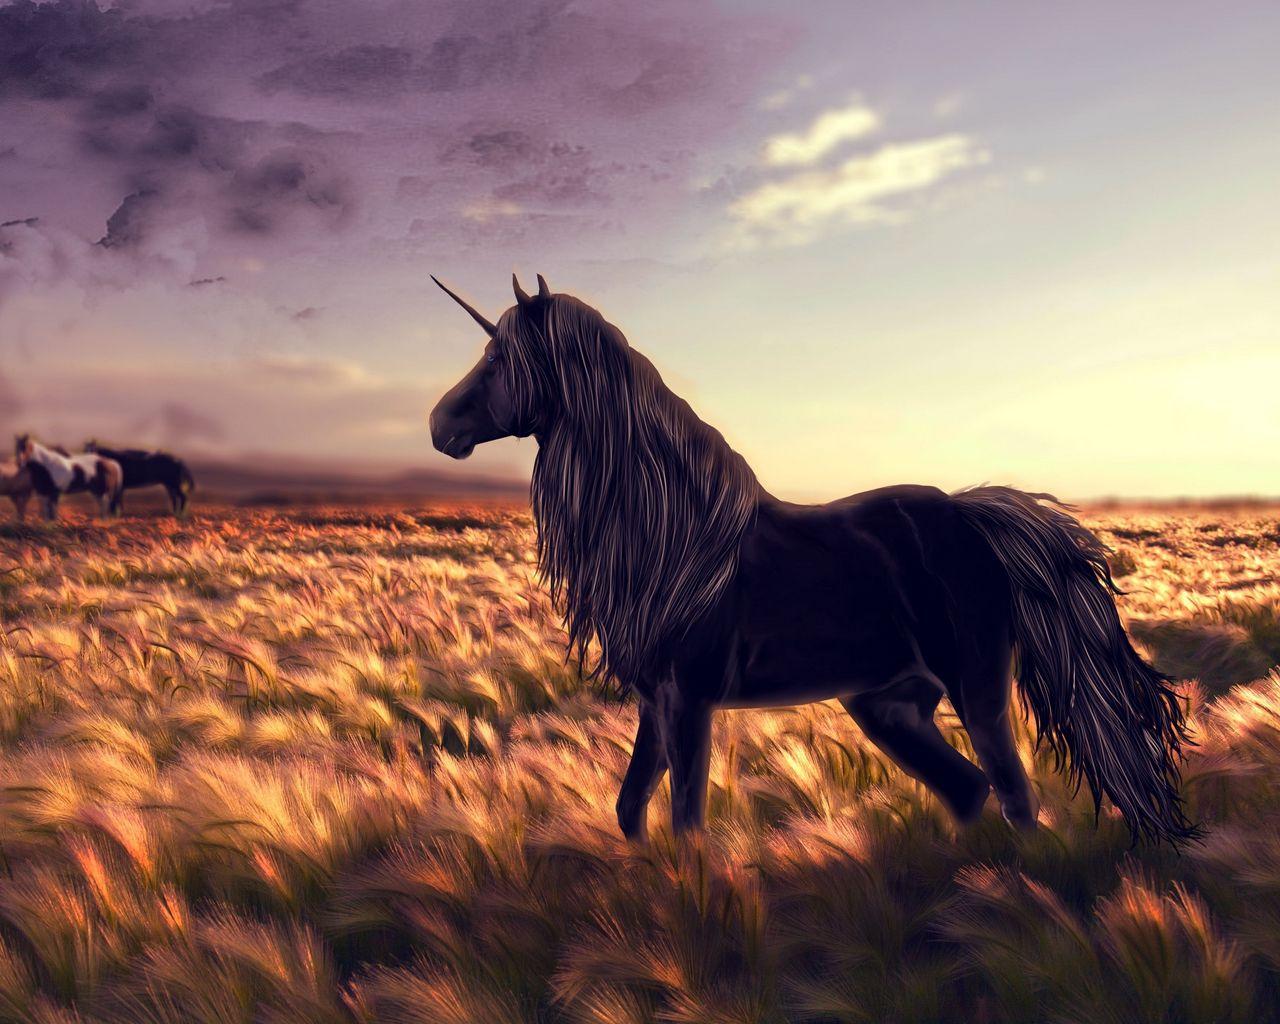 1280x1024 Wallpaper horse, unicorn, golf, art, grass, wind